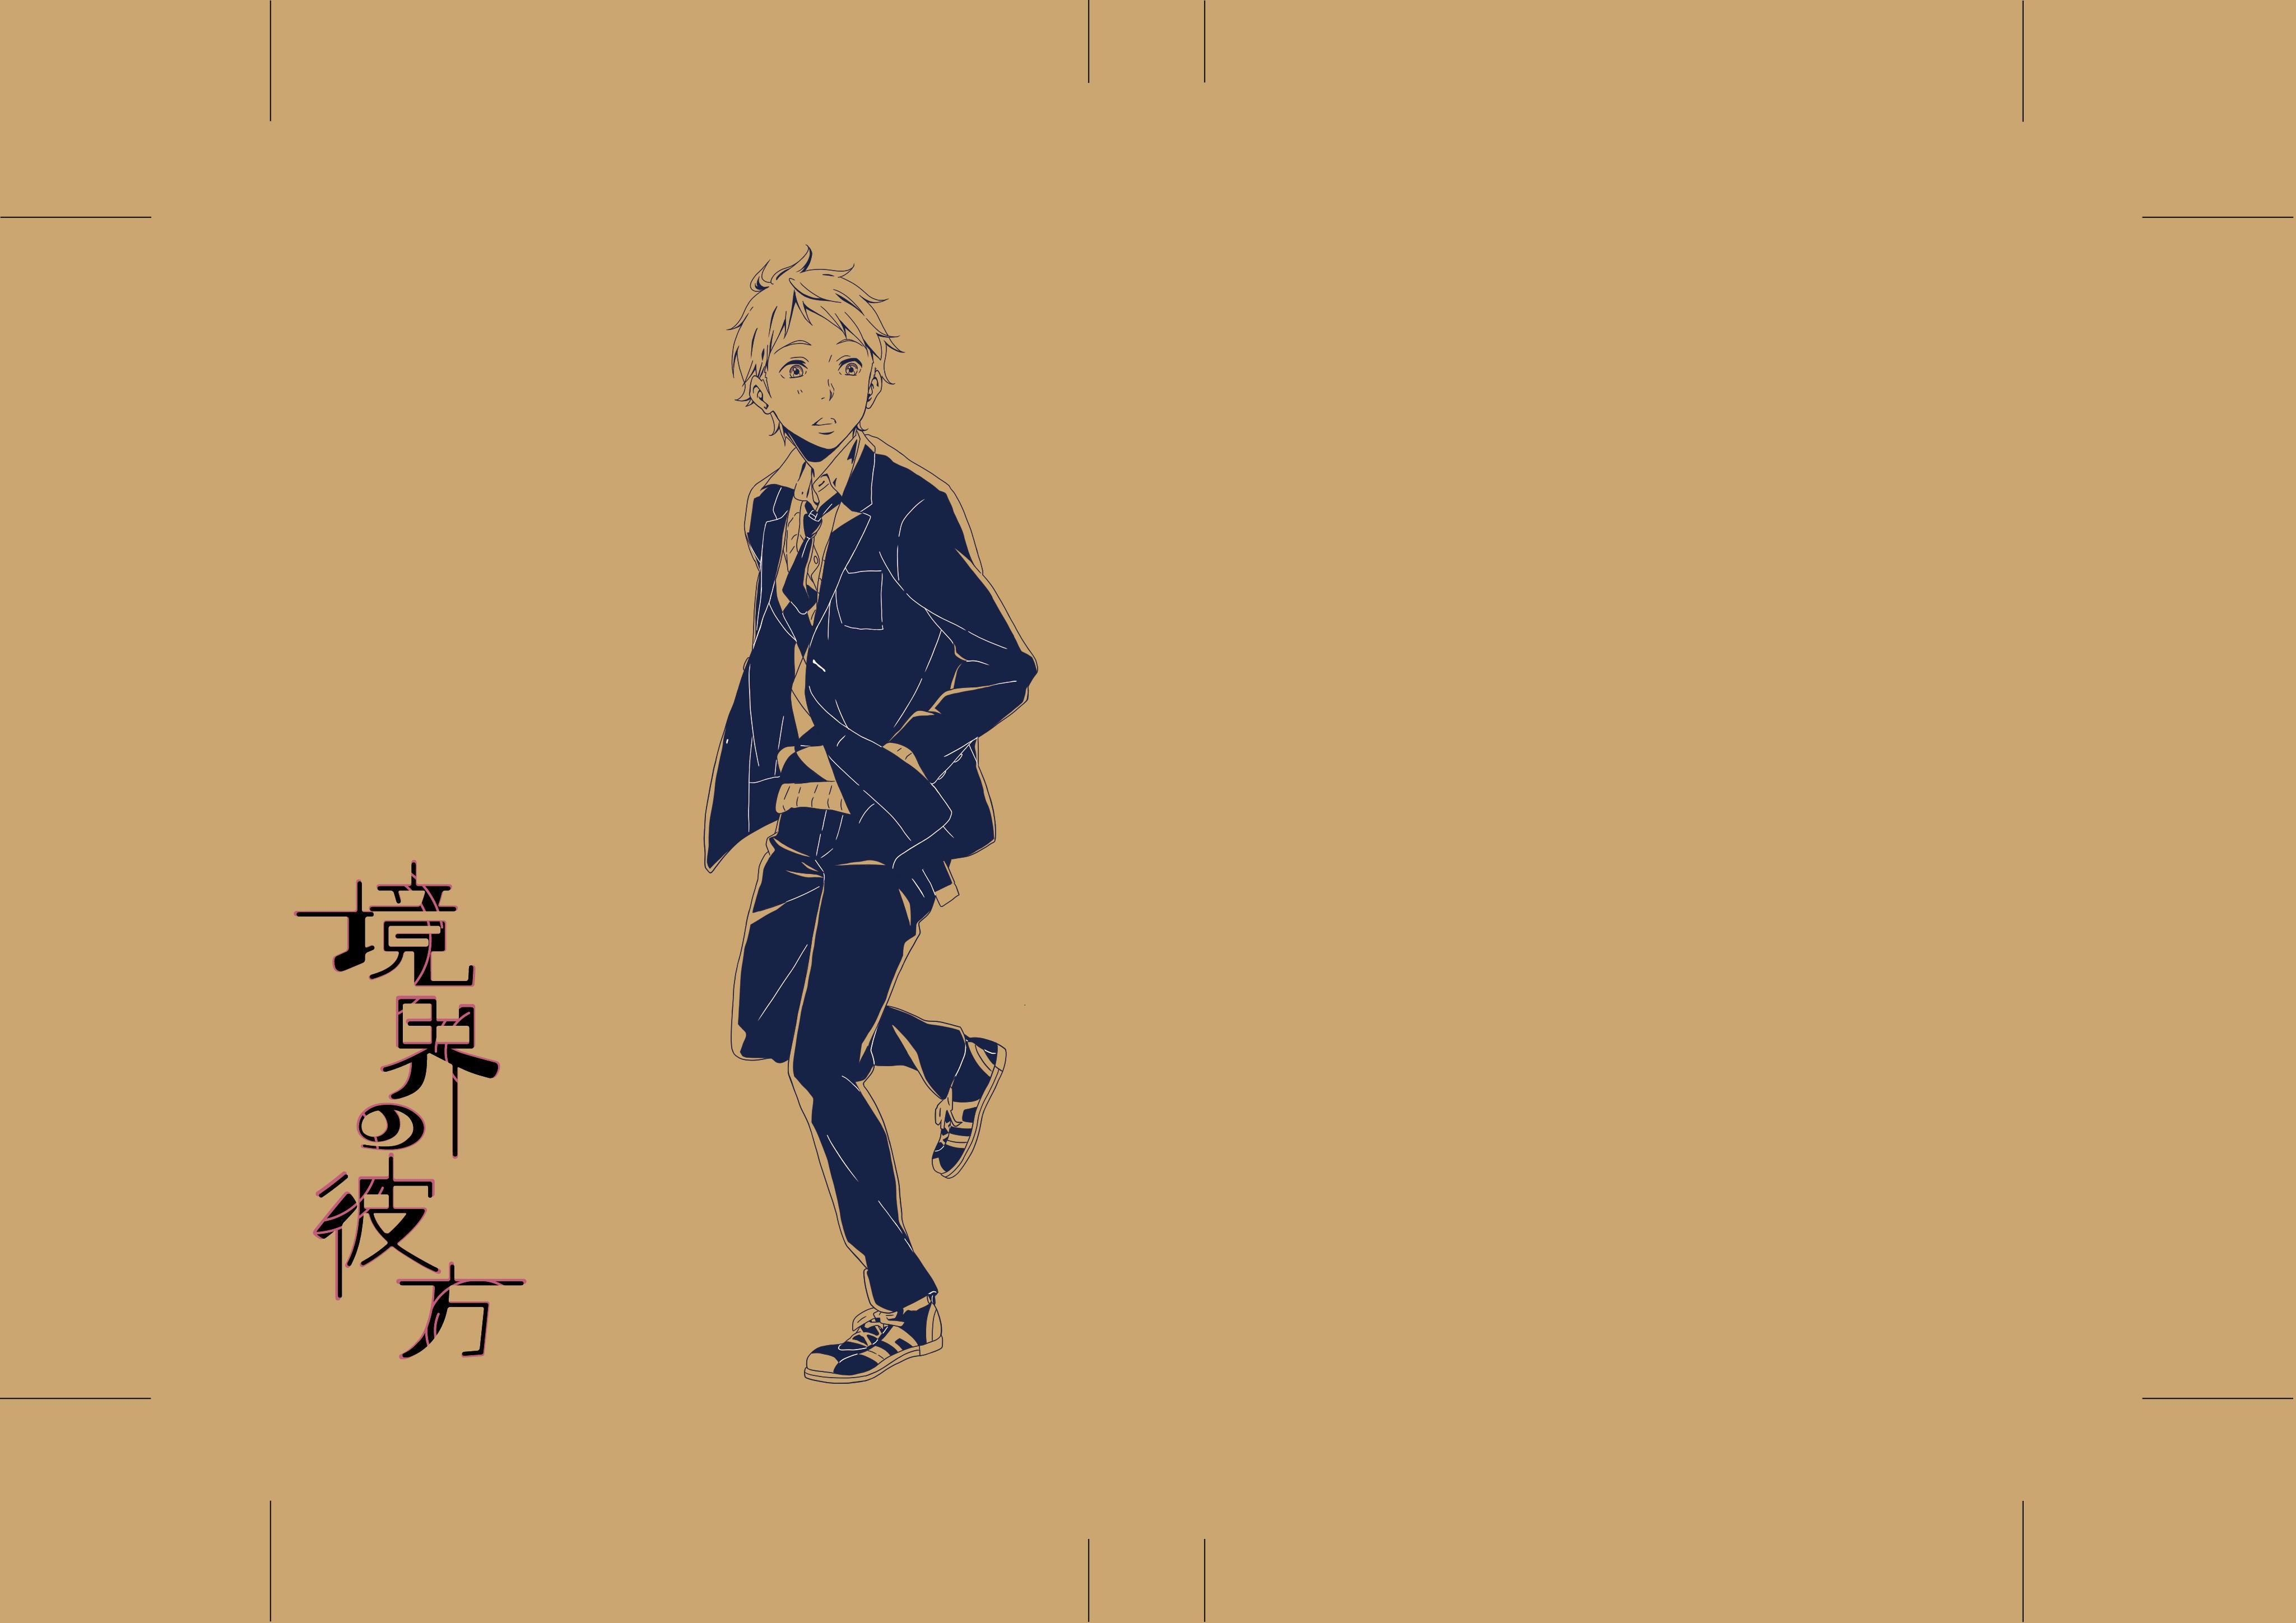 Kyoukai No Kanata Kanbara Akihito Anime Boys Simple Background Anime Beige 4098x2897